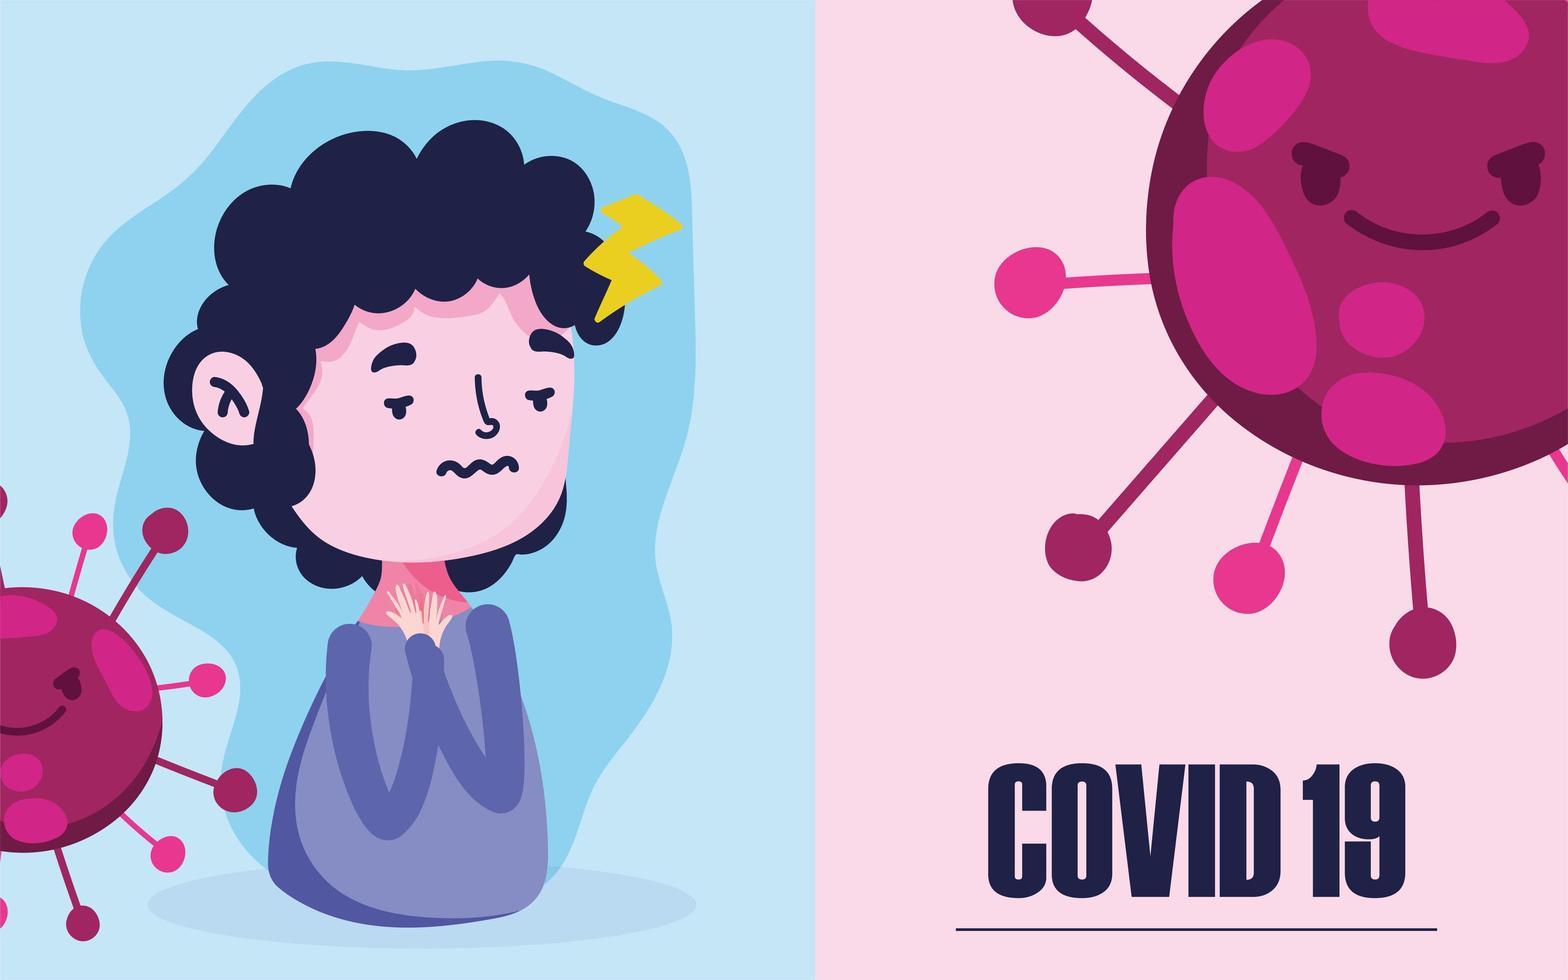 covida 19 pandemia con ragazzo con febbre e mal di testa vettore